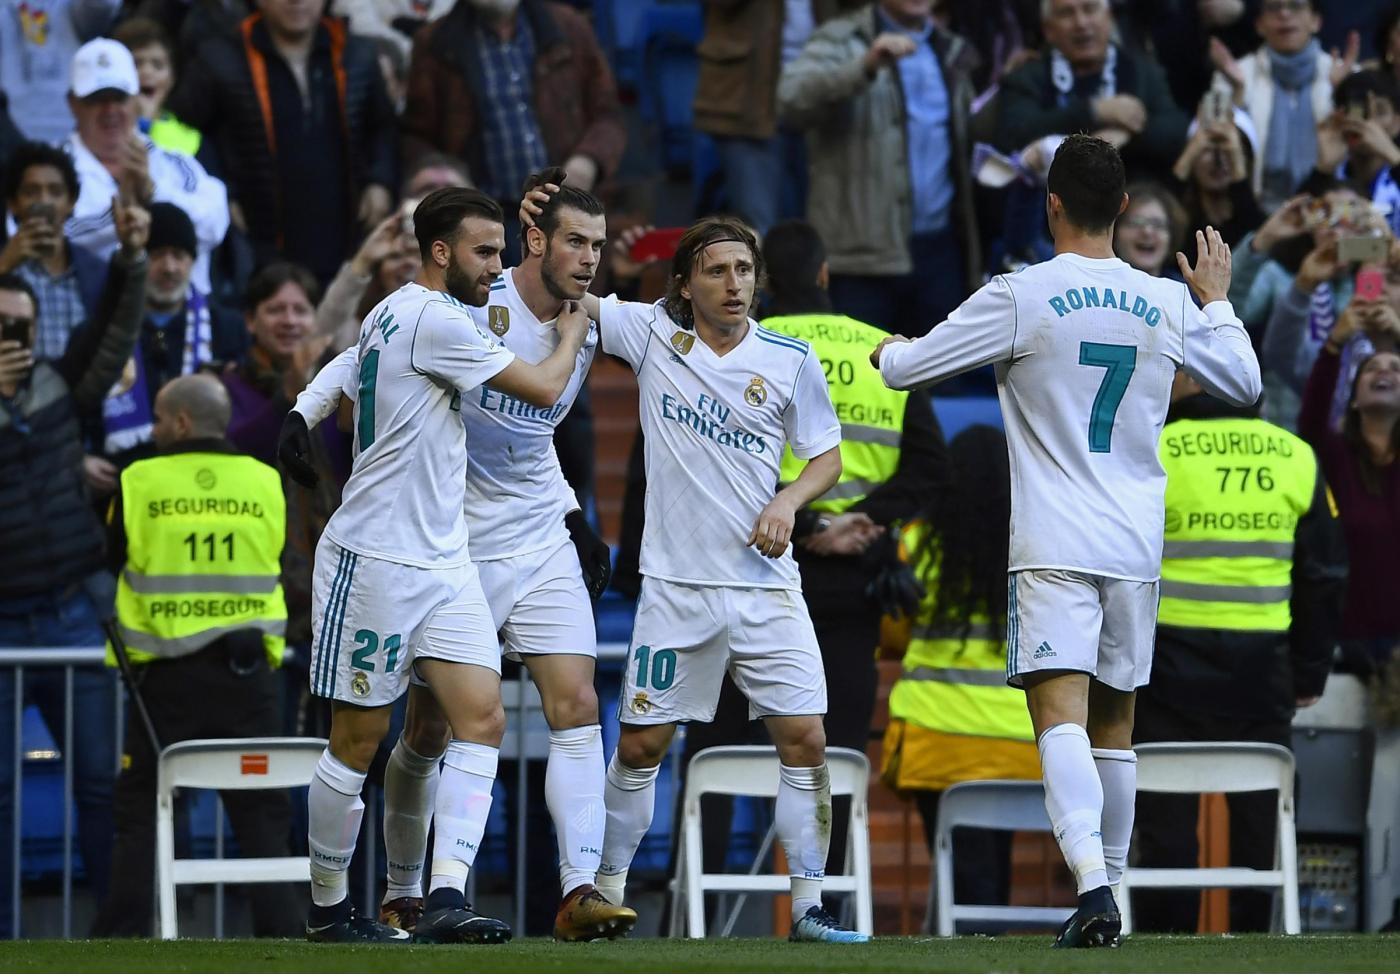 Real Madrid-Leganes sabato 28 aprile, analisi e pronostico LaLiga